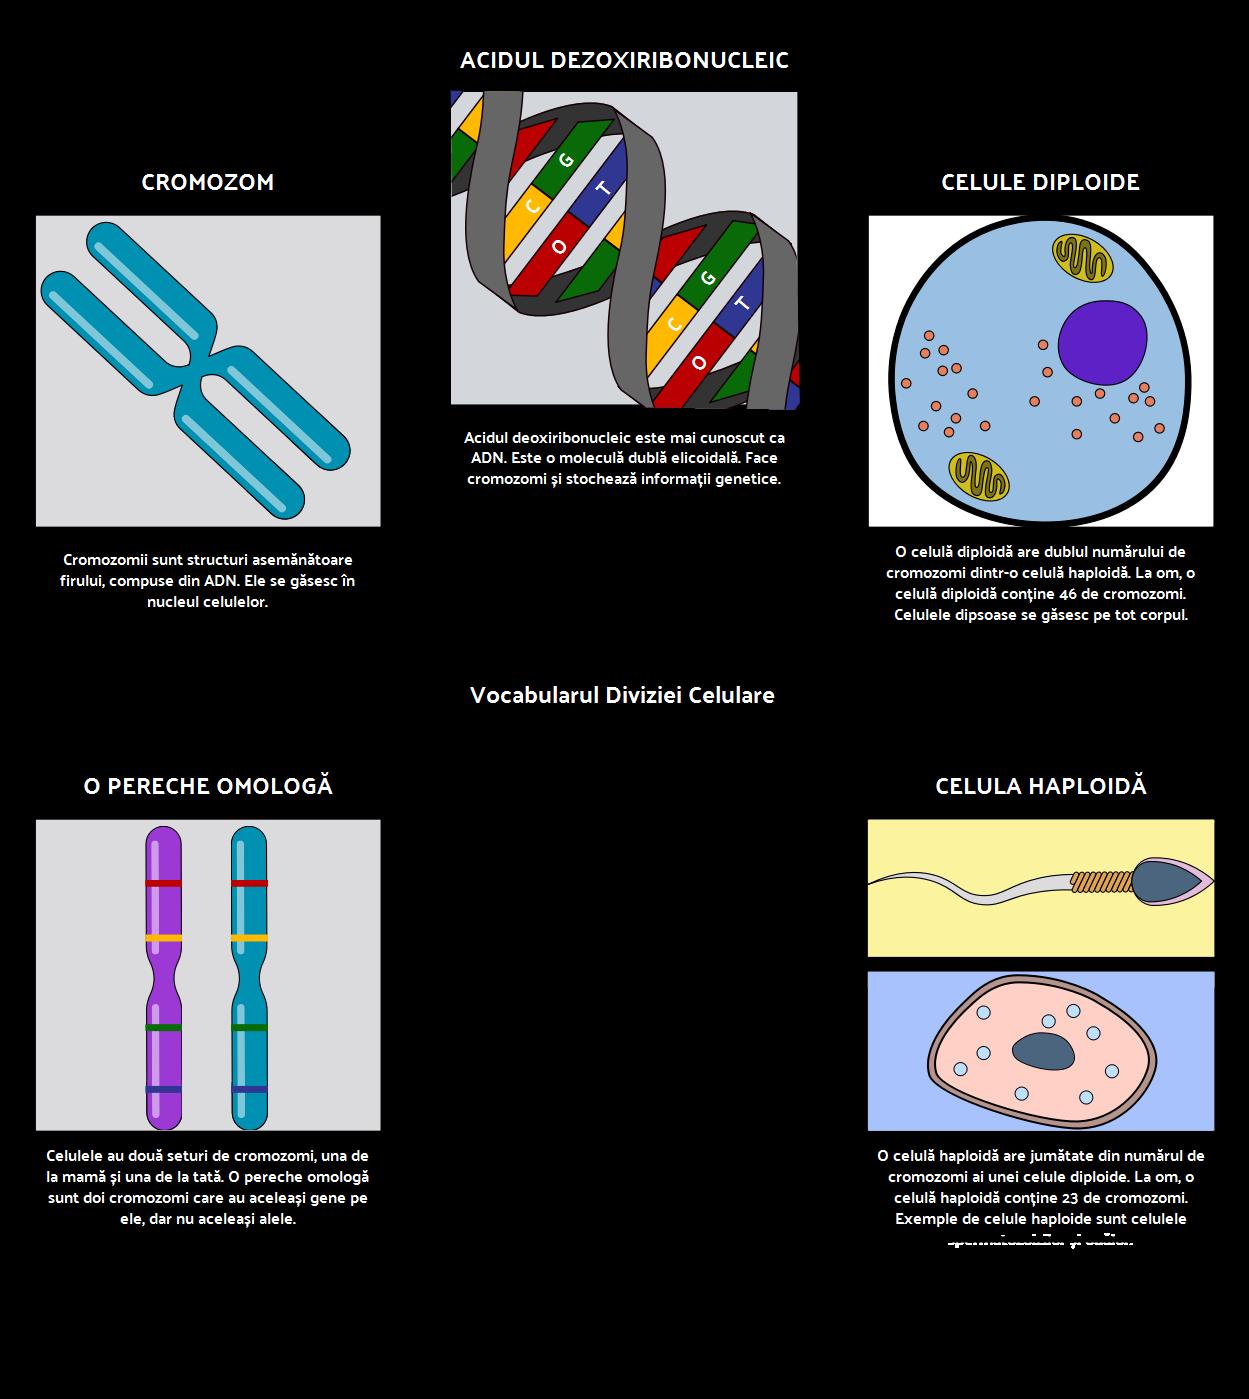 Vocabularul Diviziei Celulare